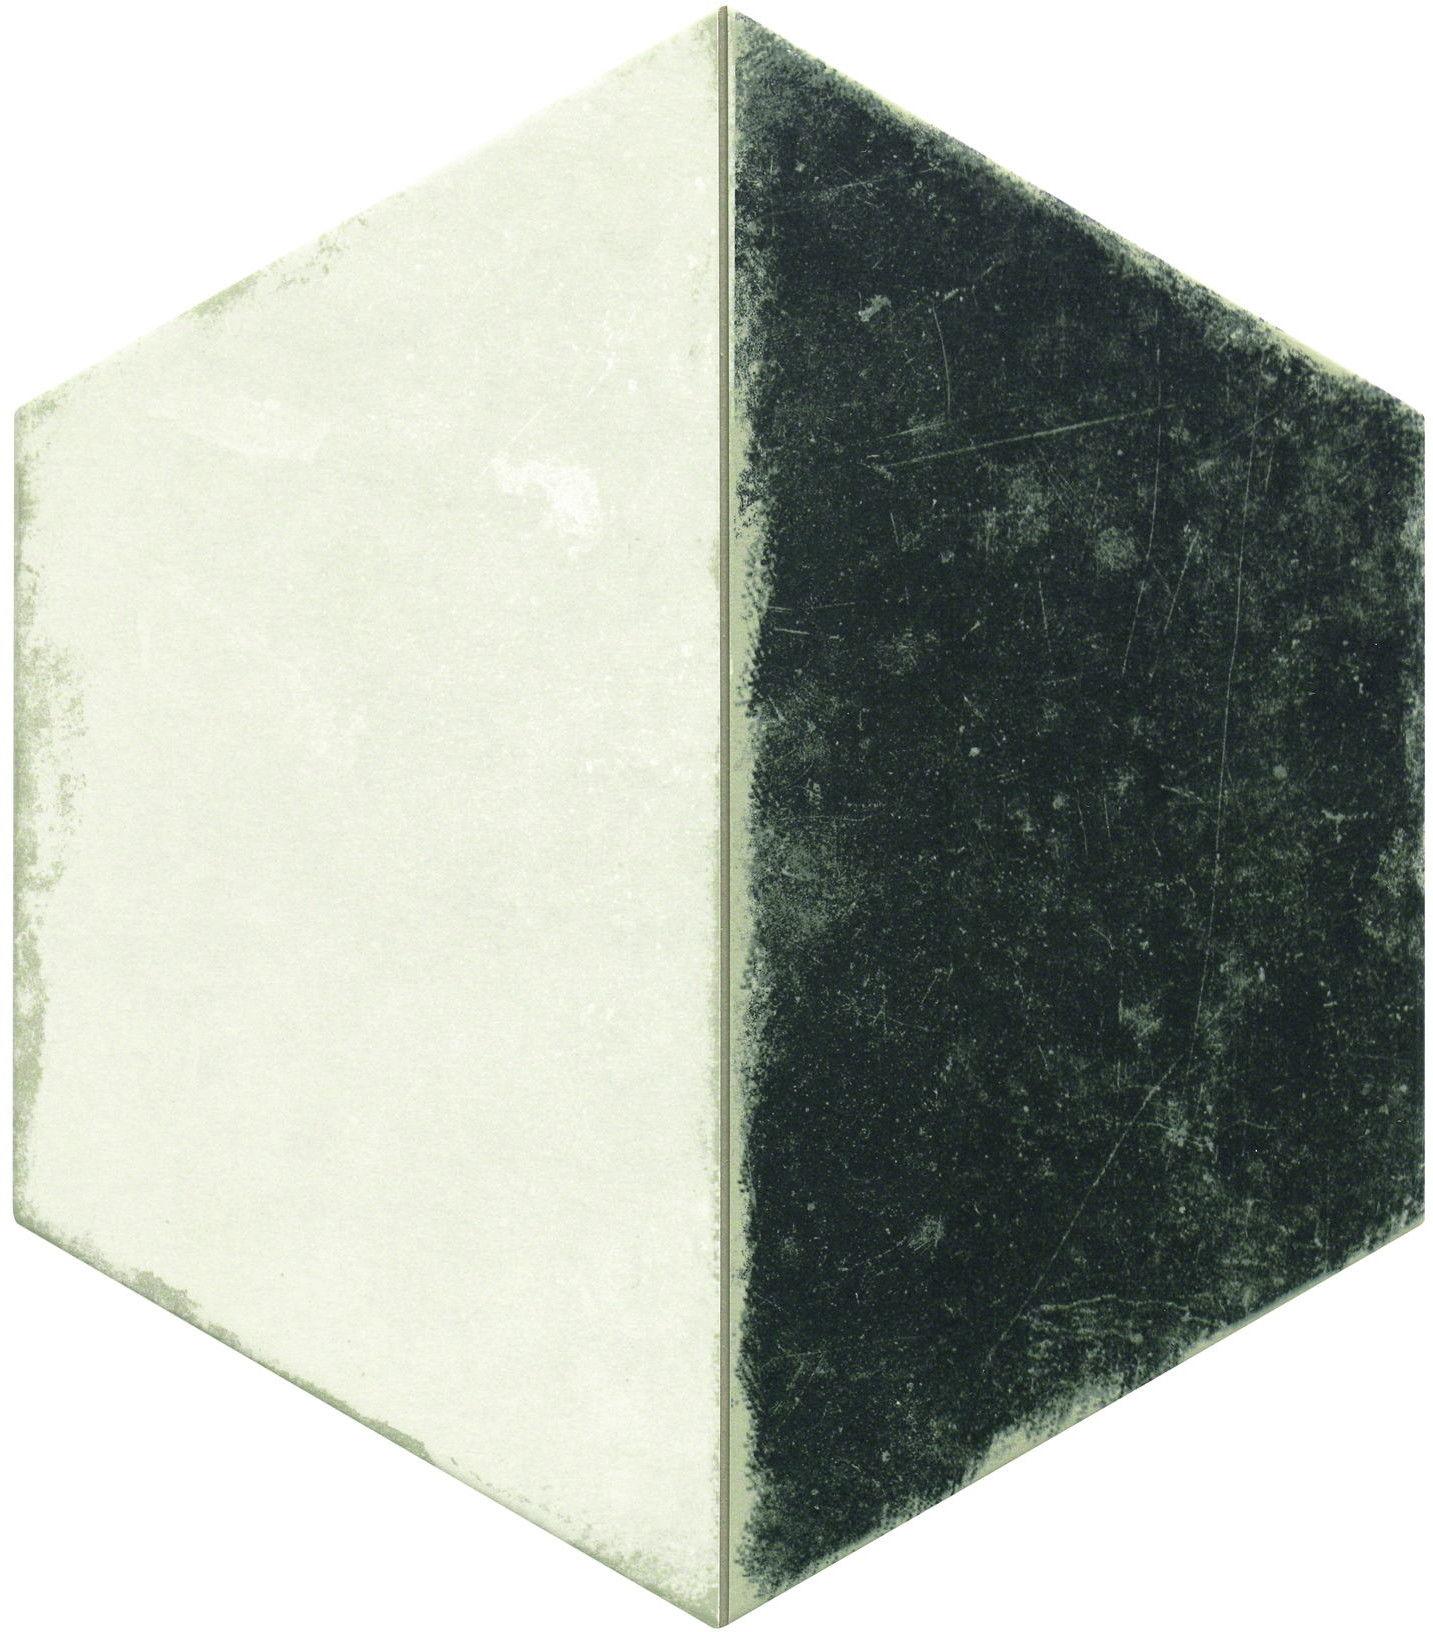 Trapez Vintage B&W 28,5x33 płytki heksagonalne